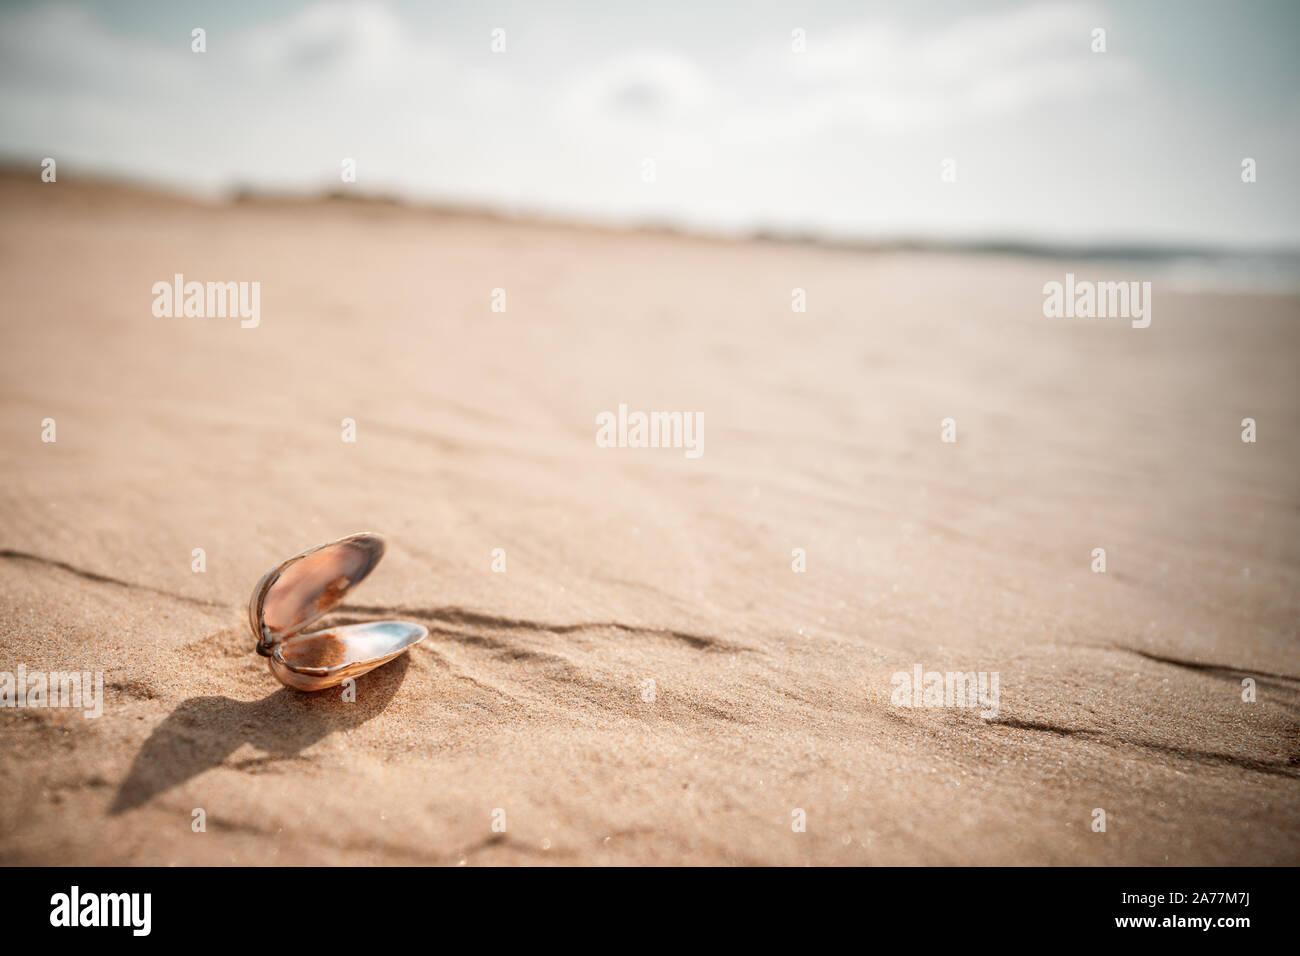 Shell en el suelo de arena en el desierto Foto de stock